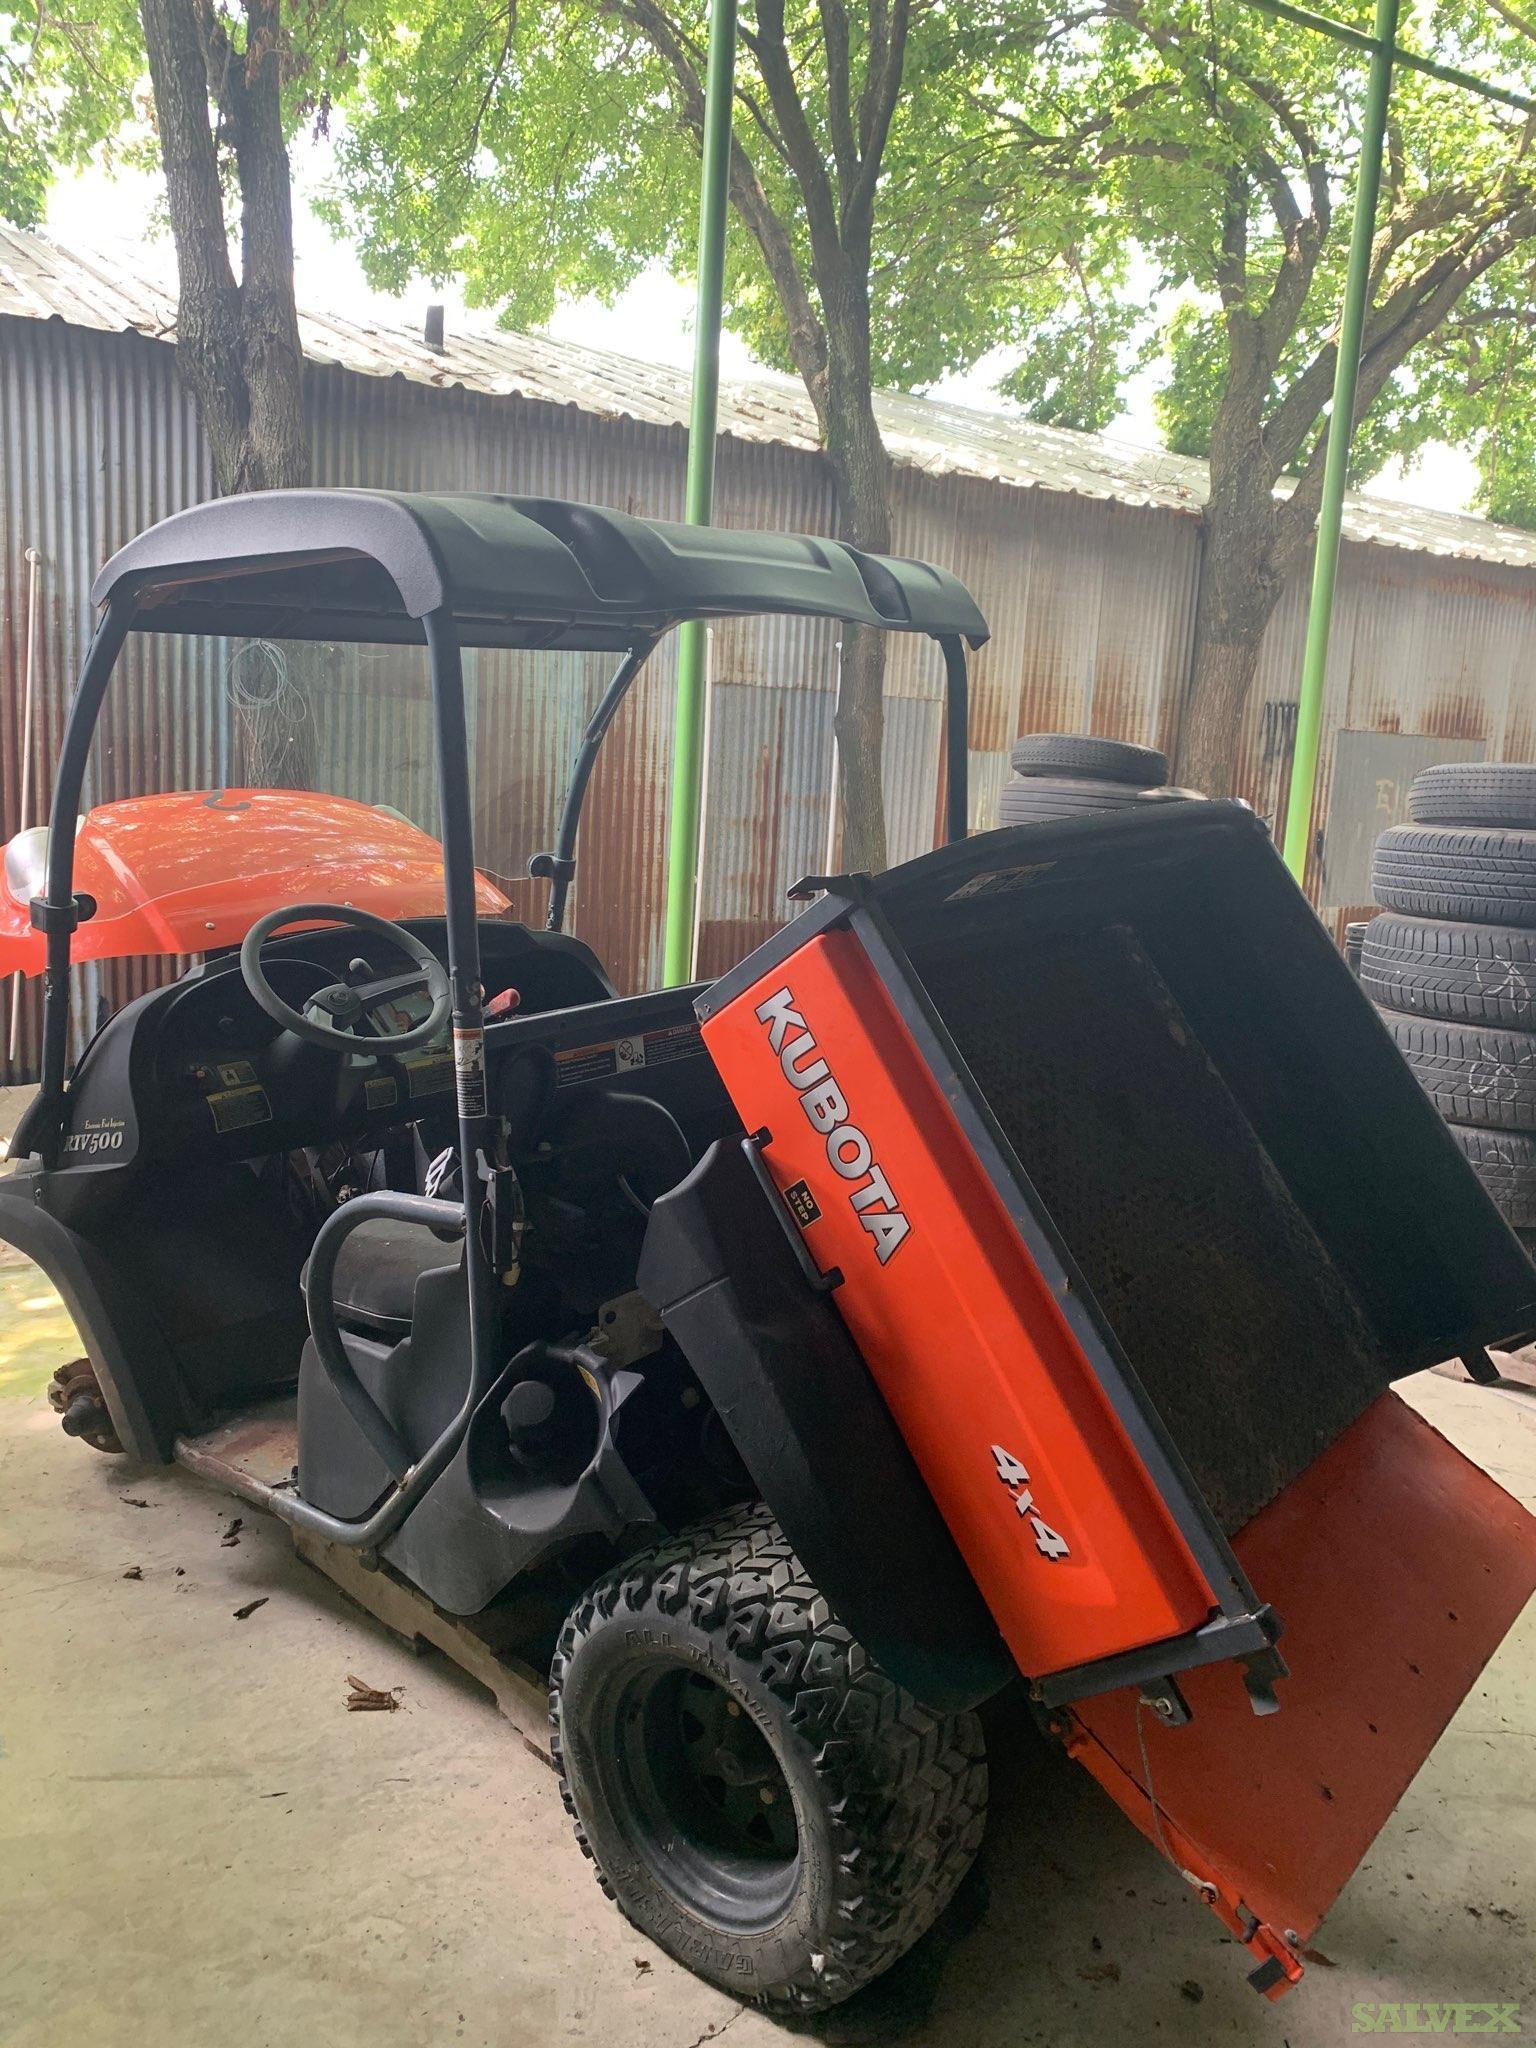 Kubota RTV500, Diesel 4x4 UTV's (4 Units)